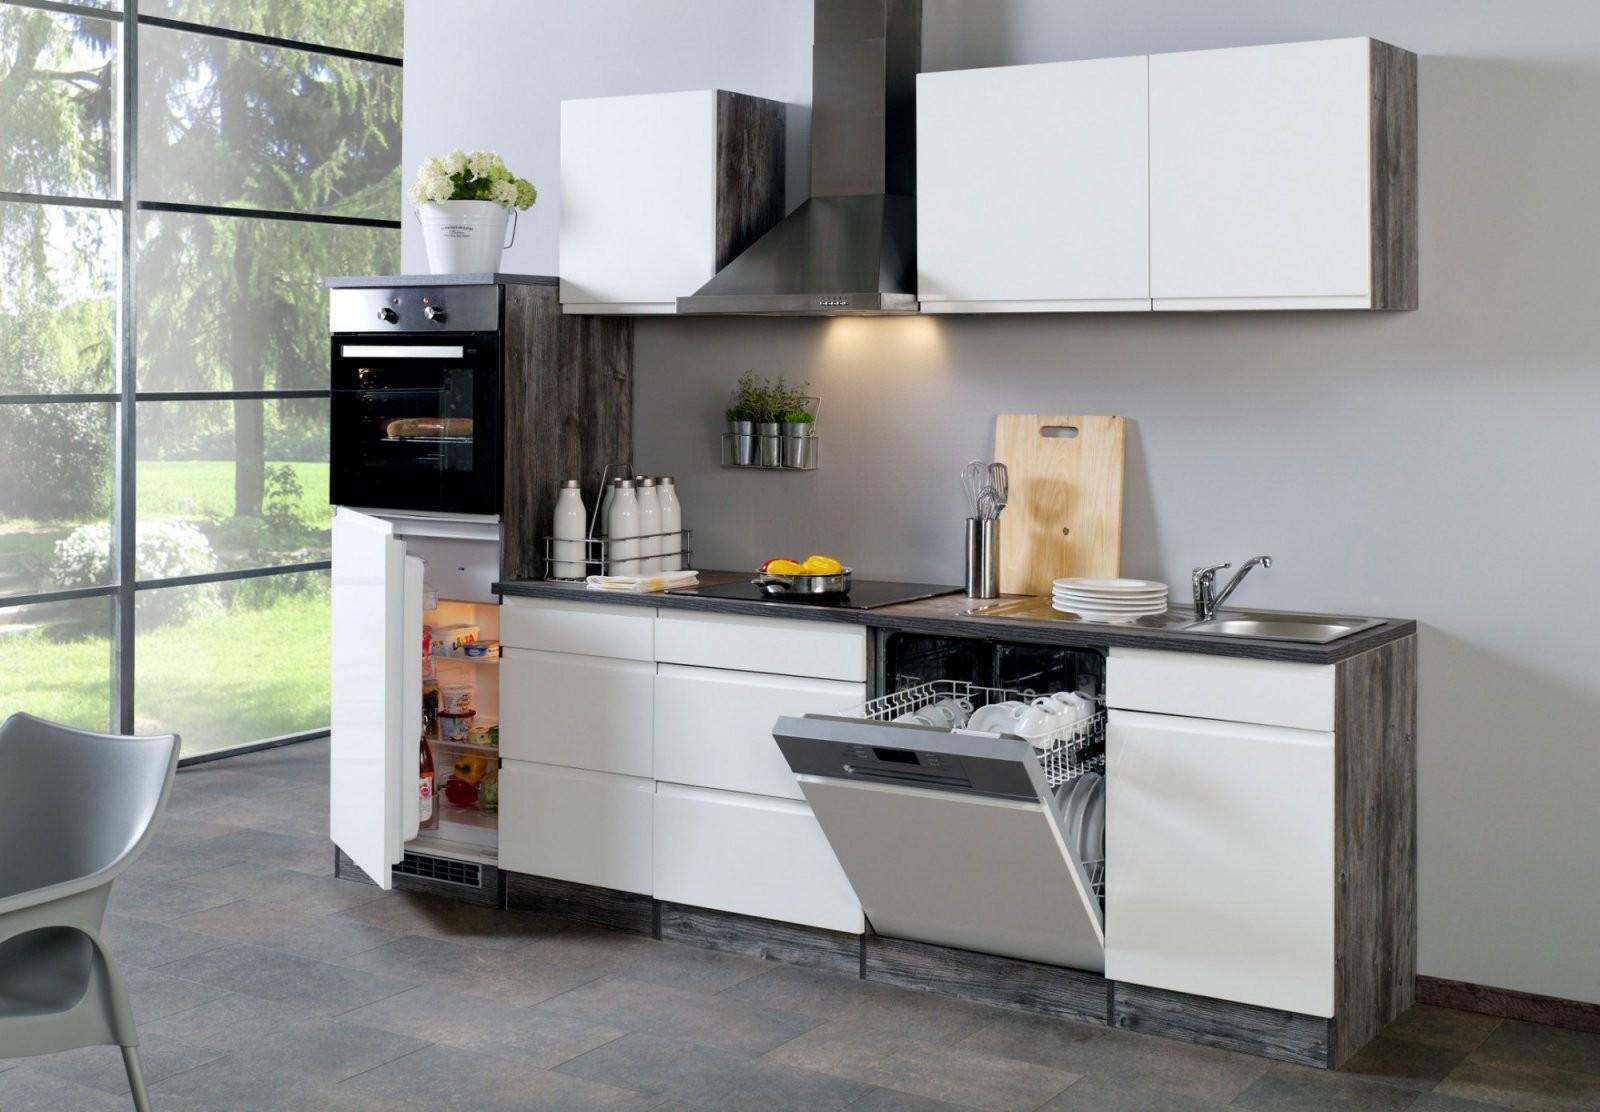 Küchenzeile Cardiff  Küche Mit Egeräten  Breite 280 Cm von Küchen Günstig Mit E Geräten Bild